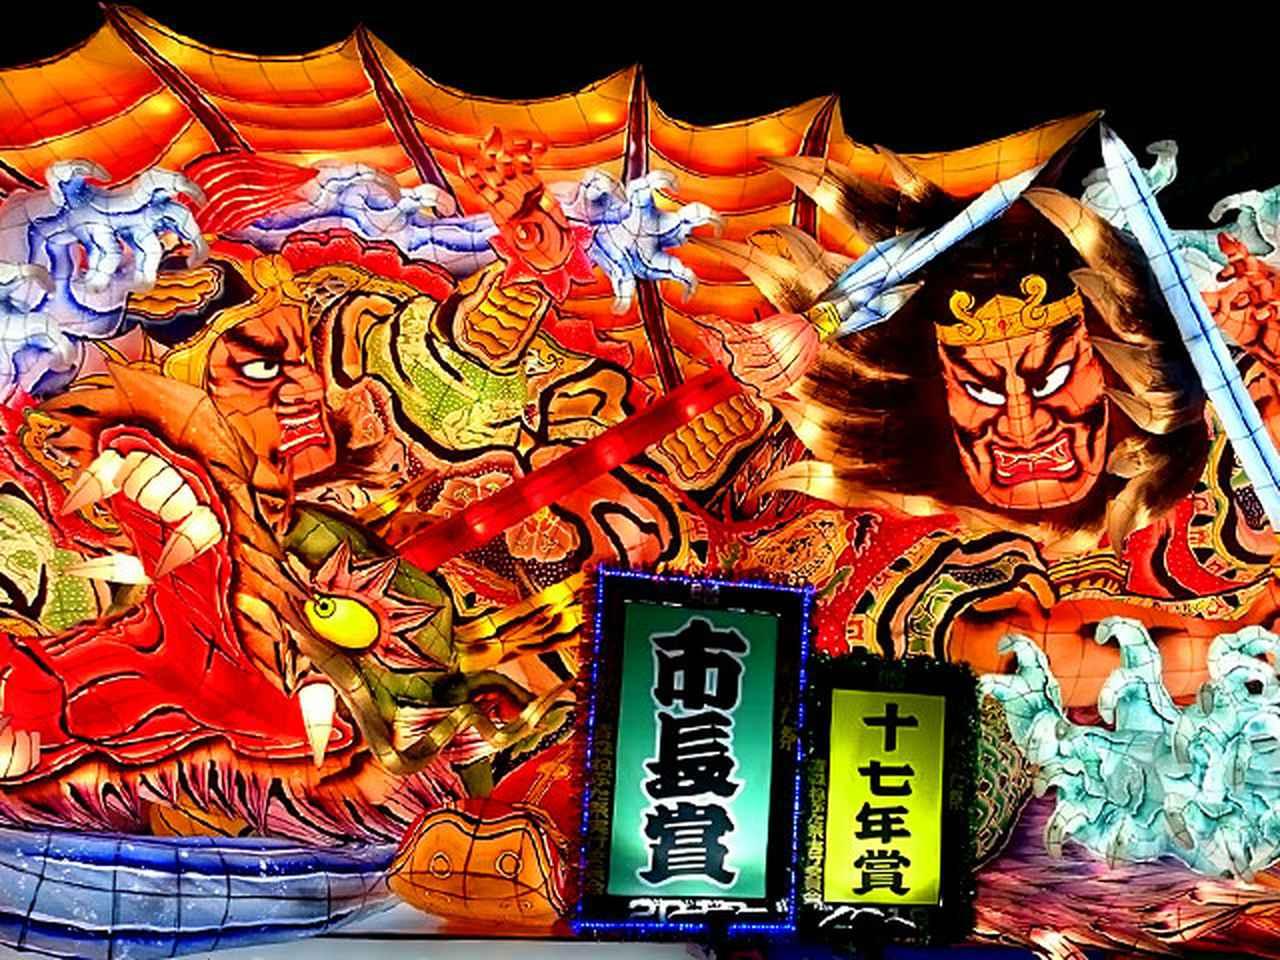 画像: 2021年青森ねぶた祭ツアー・旅行【東京23区発GT】│クラブツーリズム